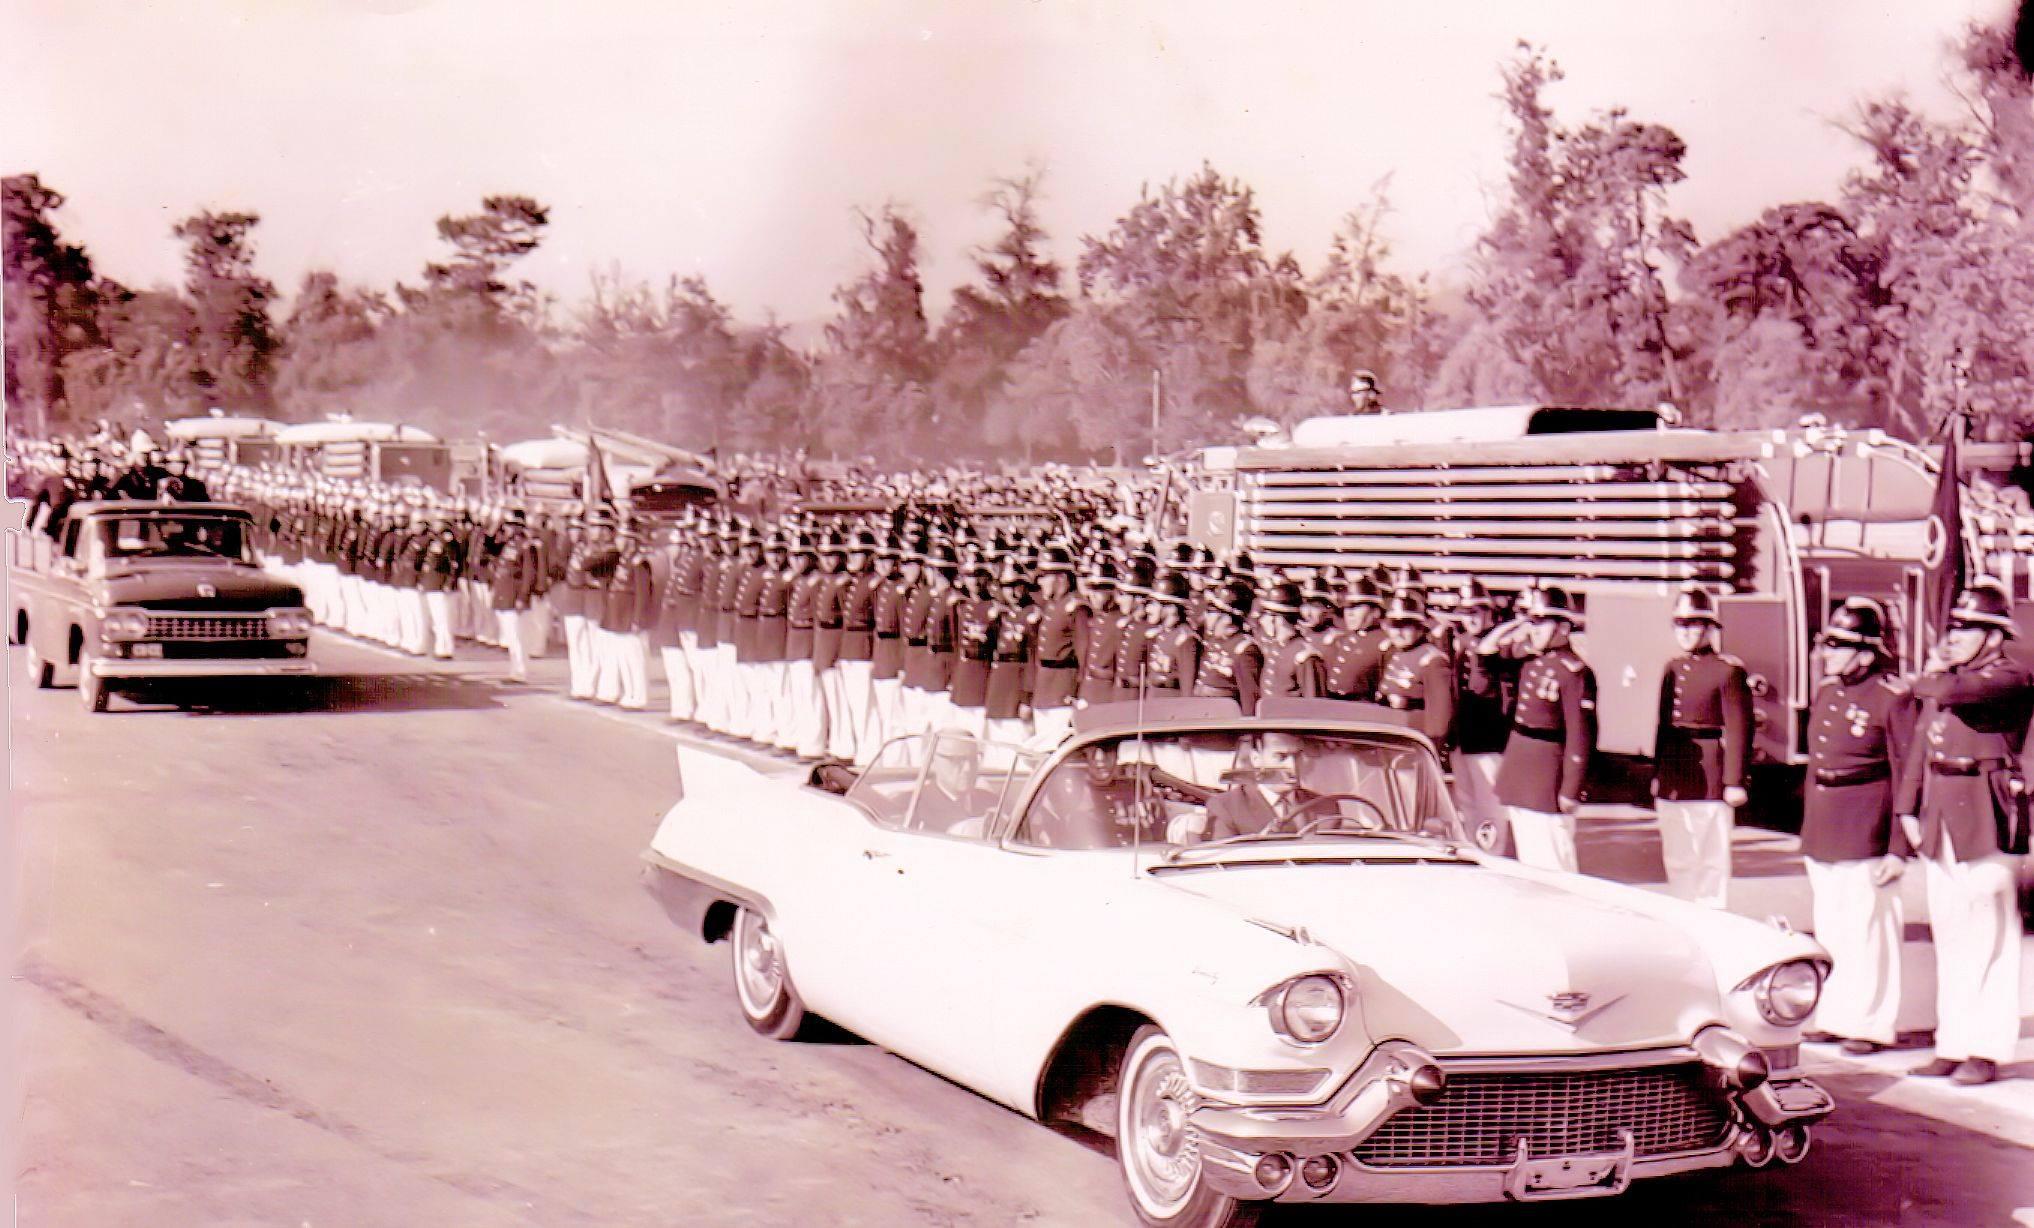 Enterreno - Fotos históricas de chile - fotos antiguas de Chile - Pdte Alessandri en ejercicio Bomberos Santiago, 1960